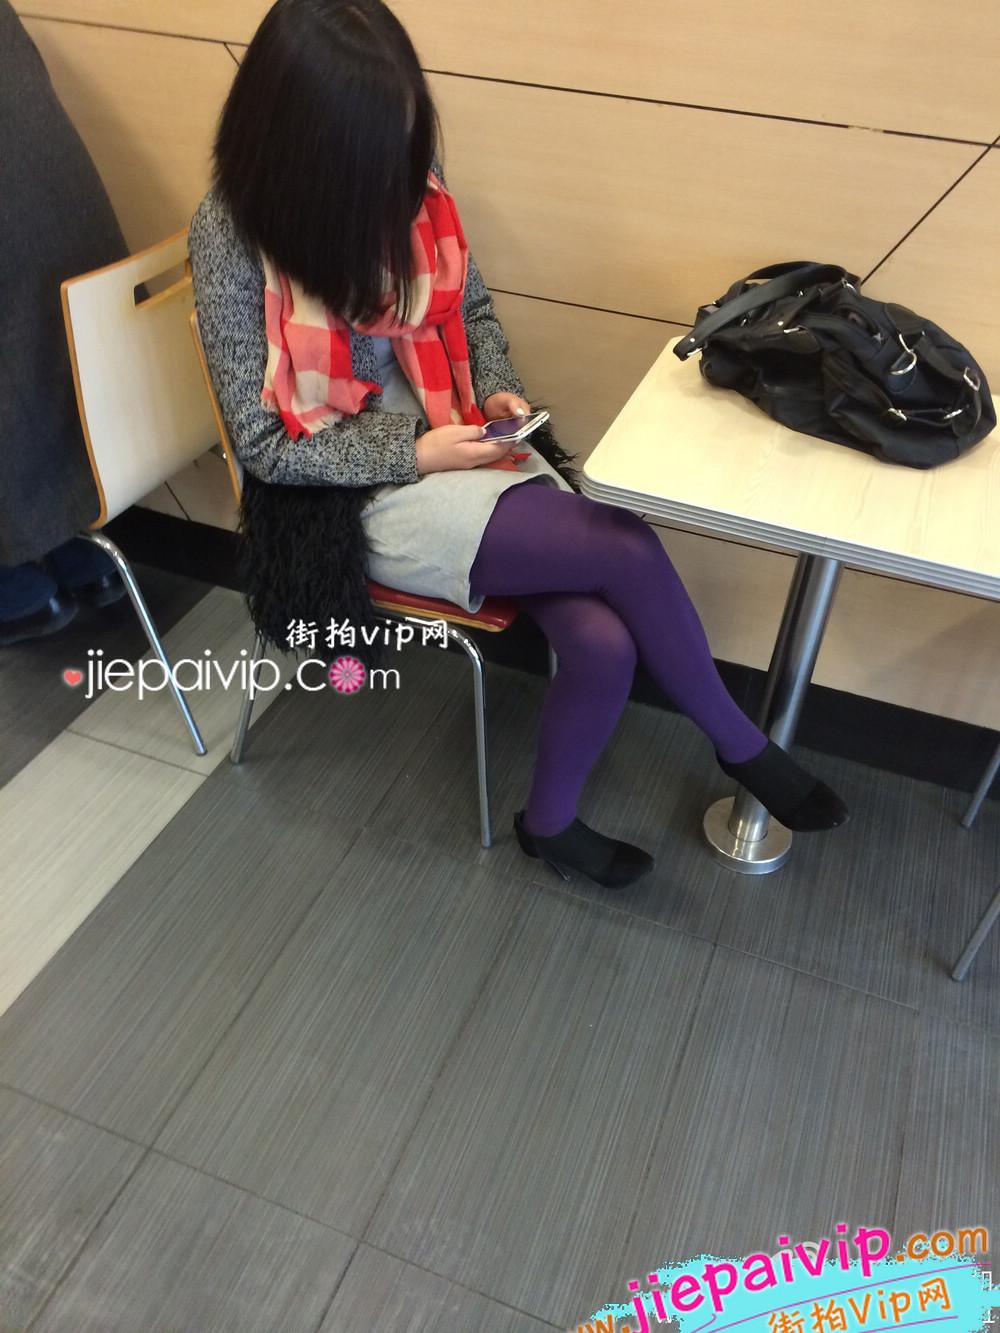 肯德基偶遇,街拍紫色丝袜高跟少妇2